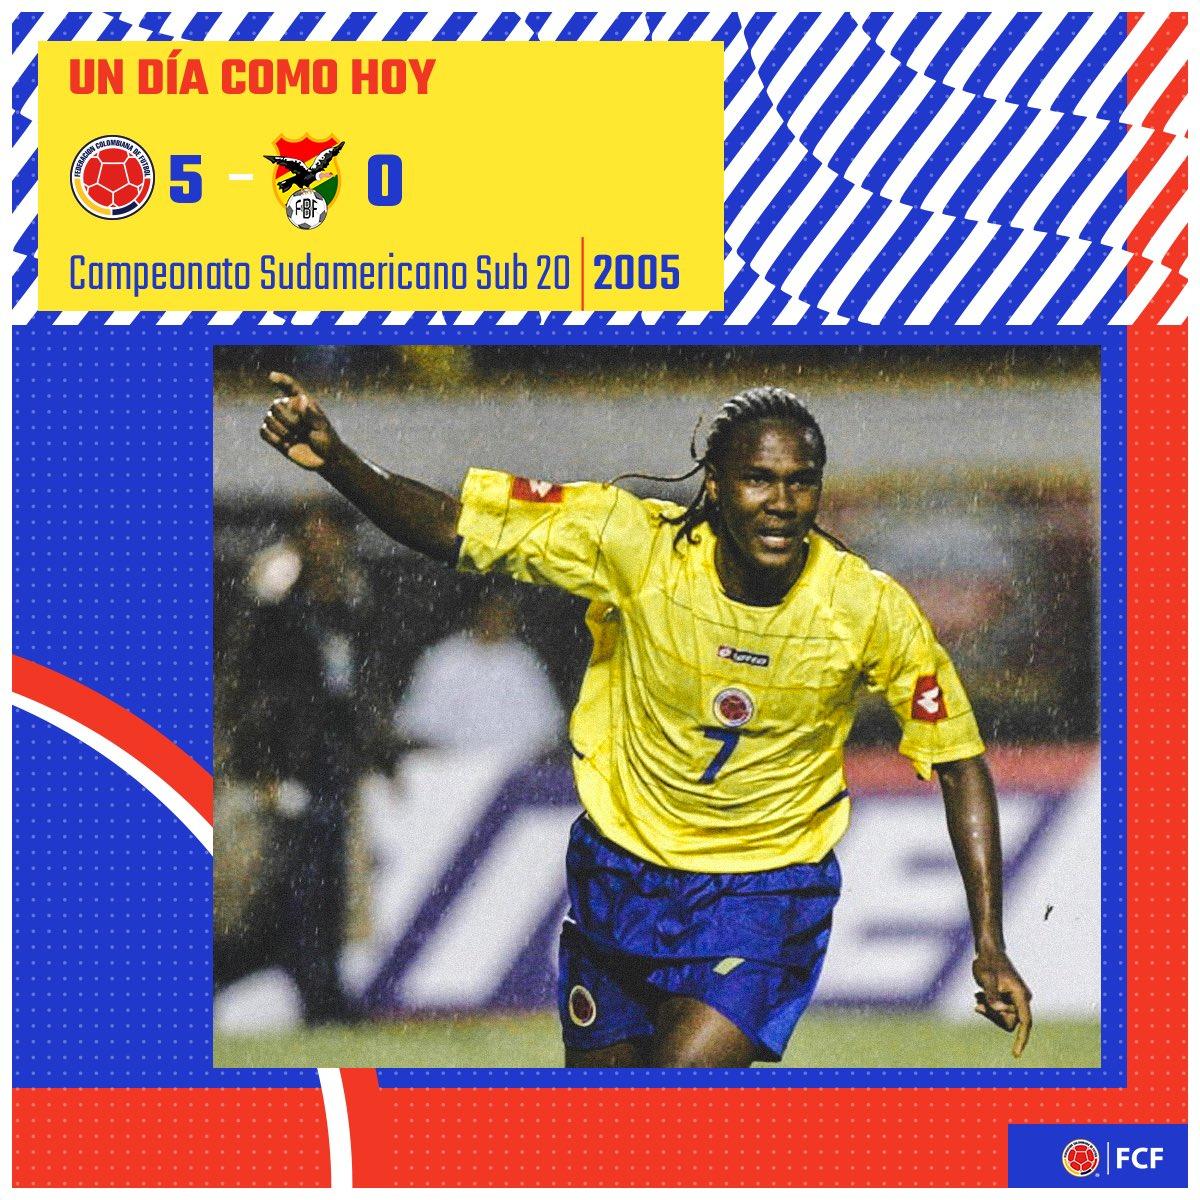 #UnDíaComoHoy nuestra Selección Colombia Sub 20 debutaba en el Sudamericano Sub 20 2005 👏  🇨🇴 5️⃣ - 0️⃣ 🇧🇴 🏟️Centenario 📅13 de enero de 2005 ⚽ Juan Carlos Toja, Hugo Rodallega (x4)  #VamosColombia 🇨🇴